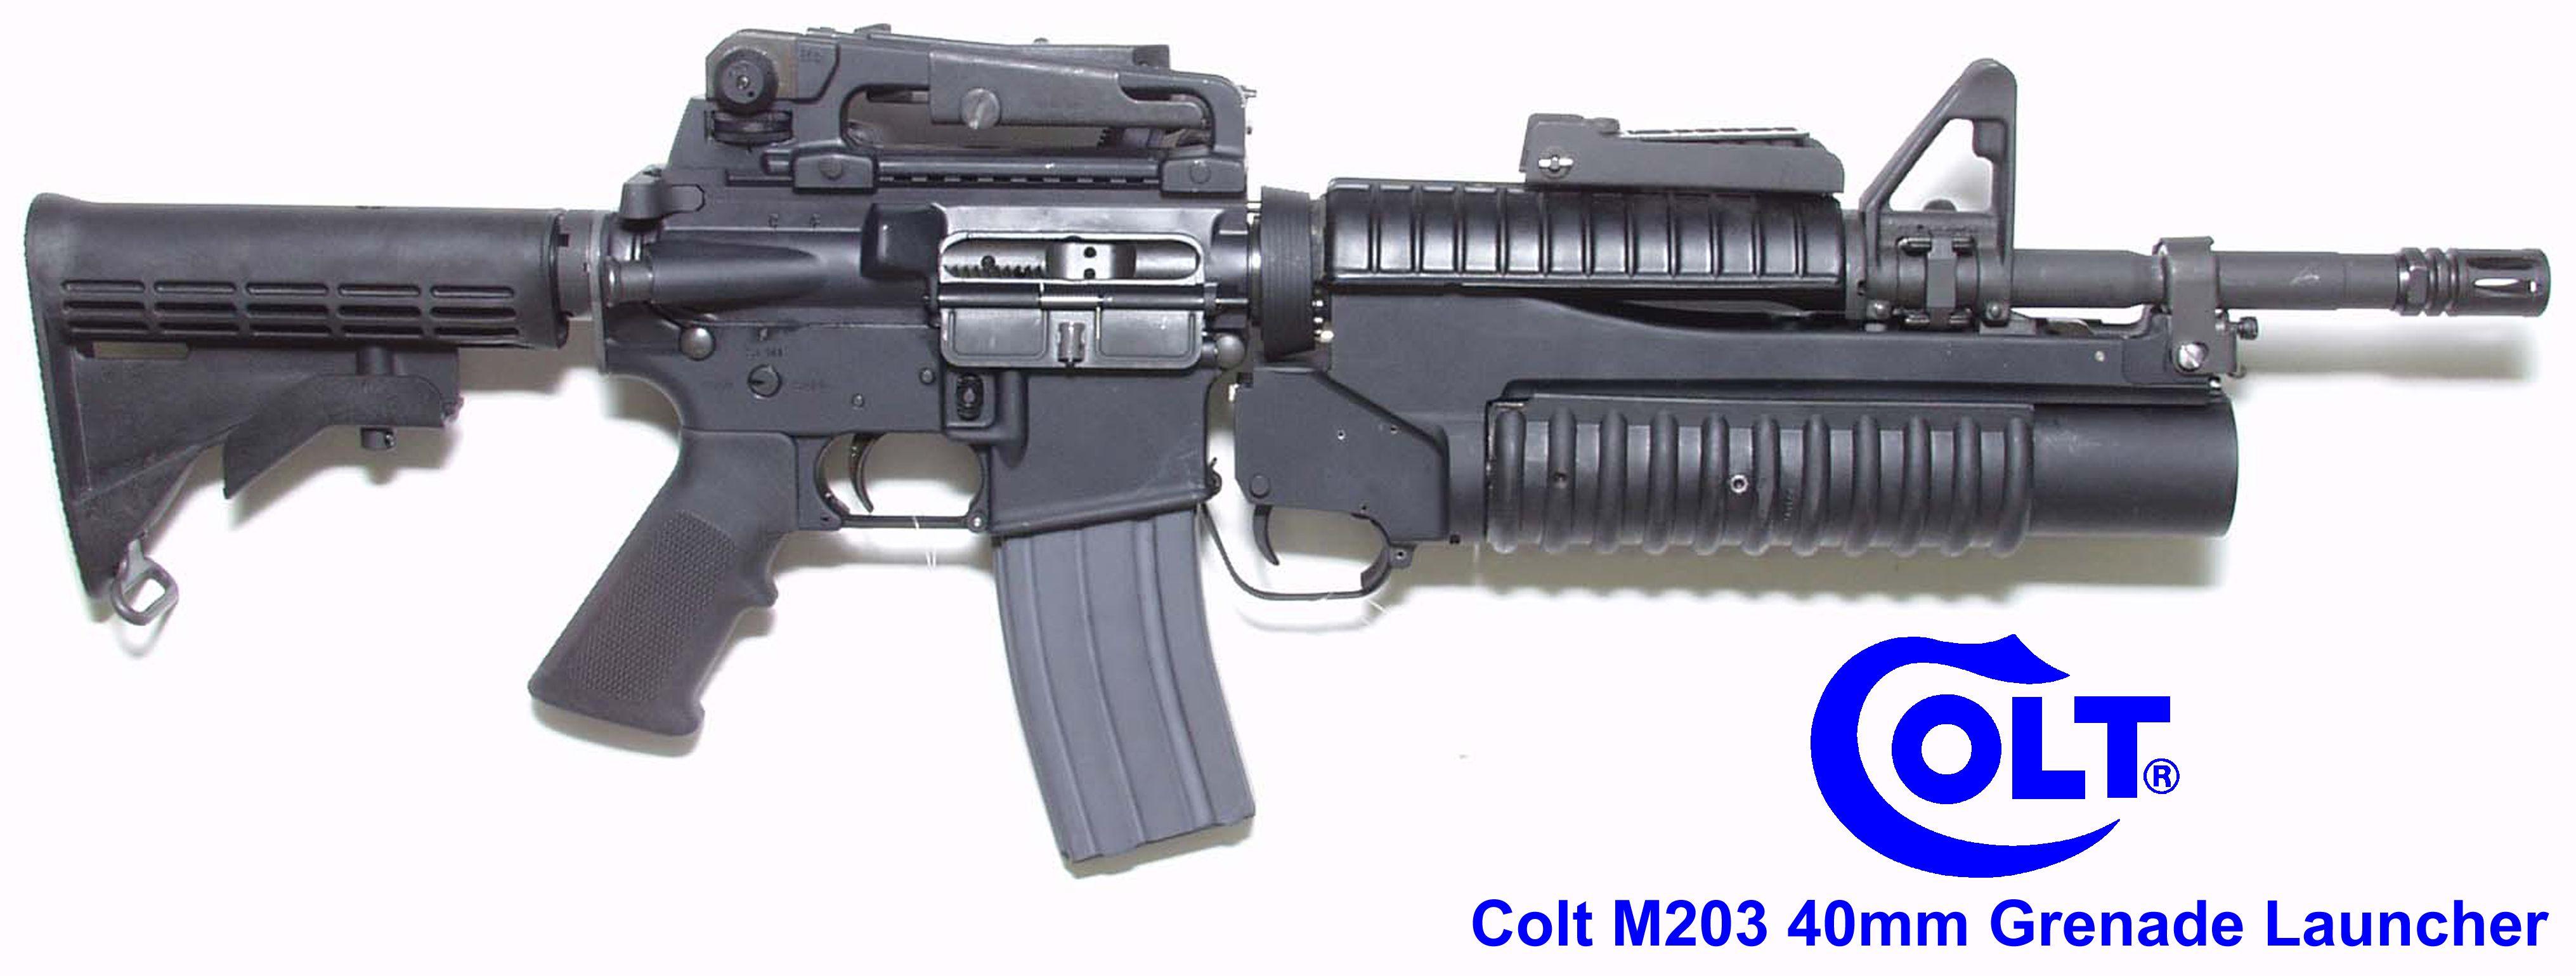 Colt M4 With M203 Gernade Launcher Right | Assault rifles